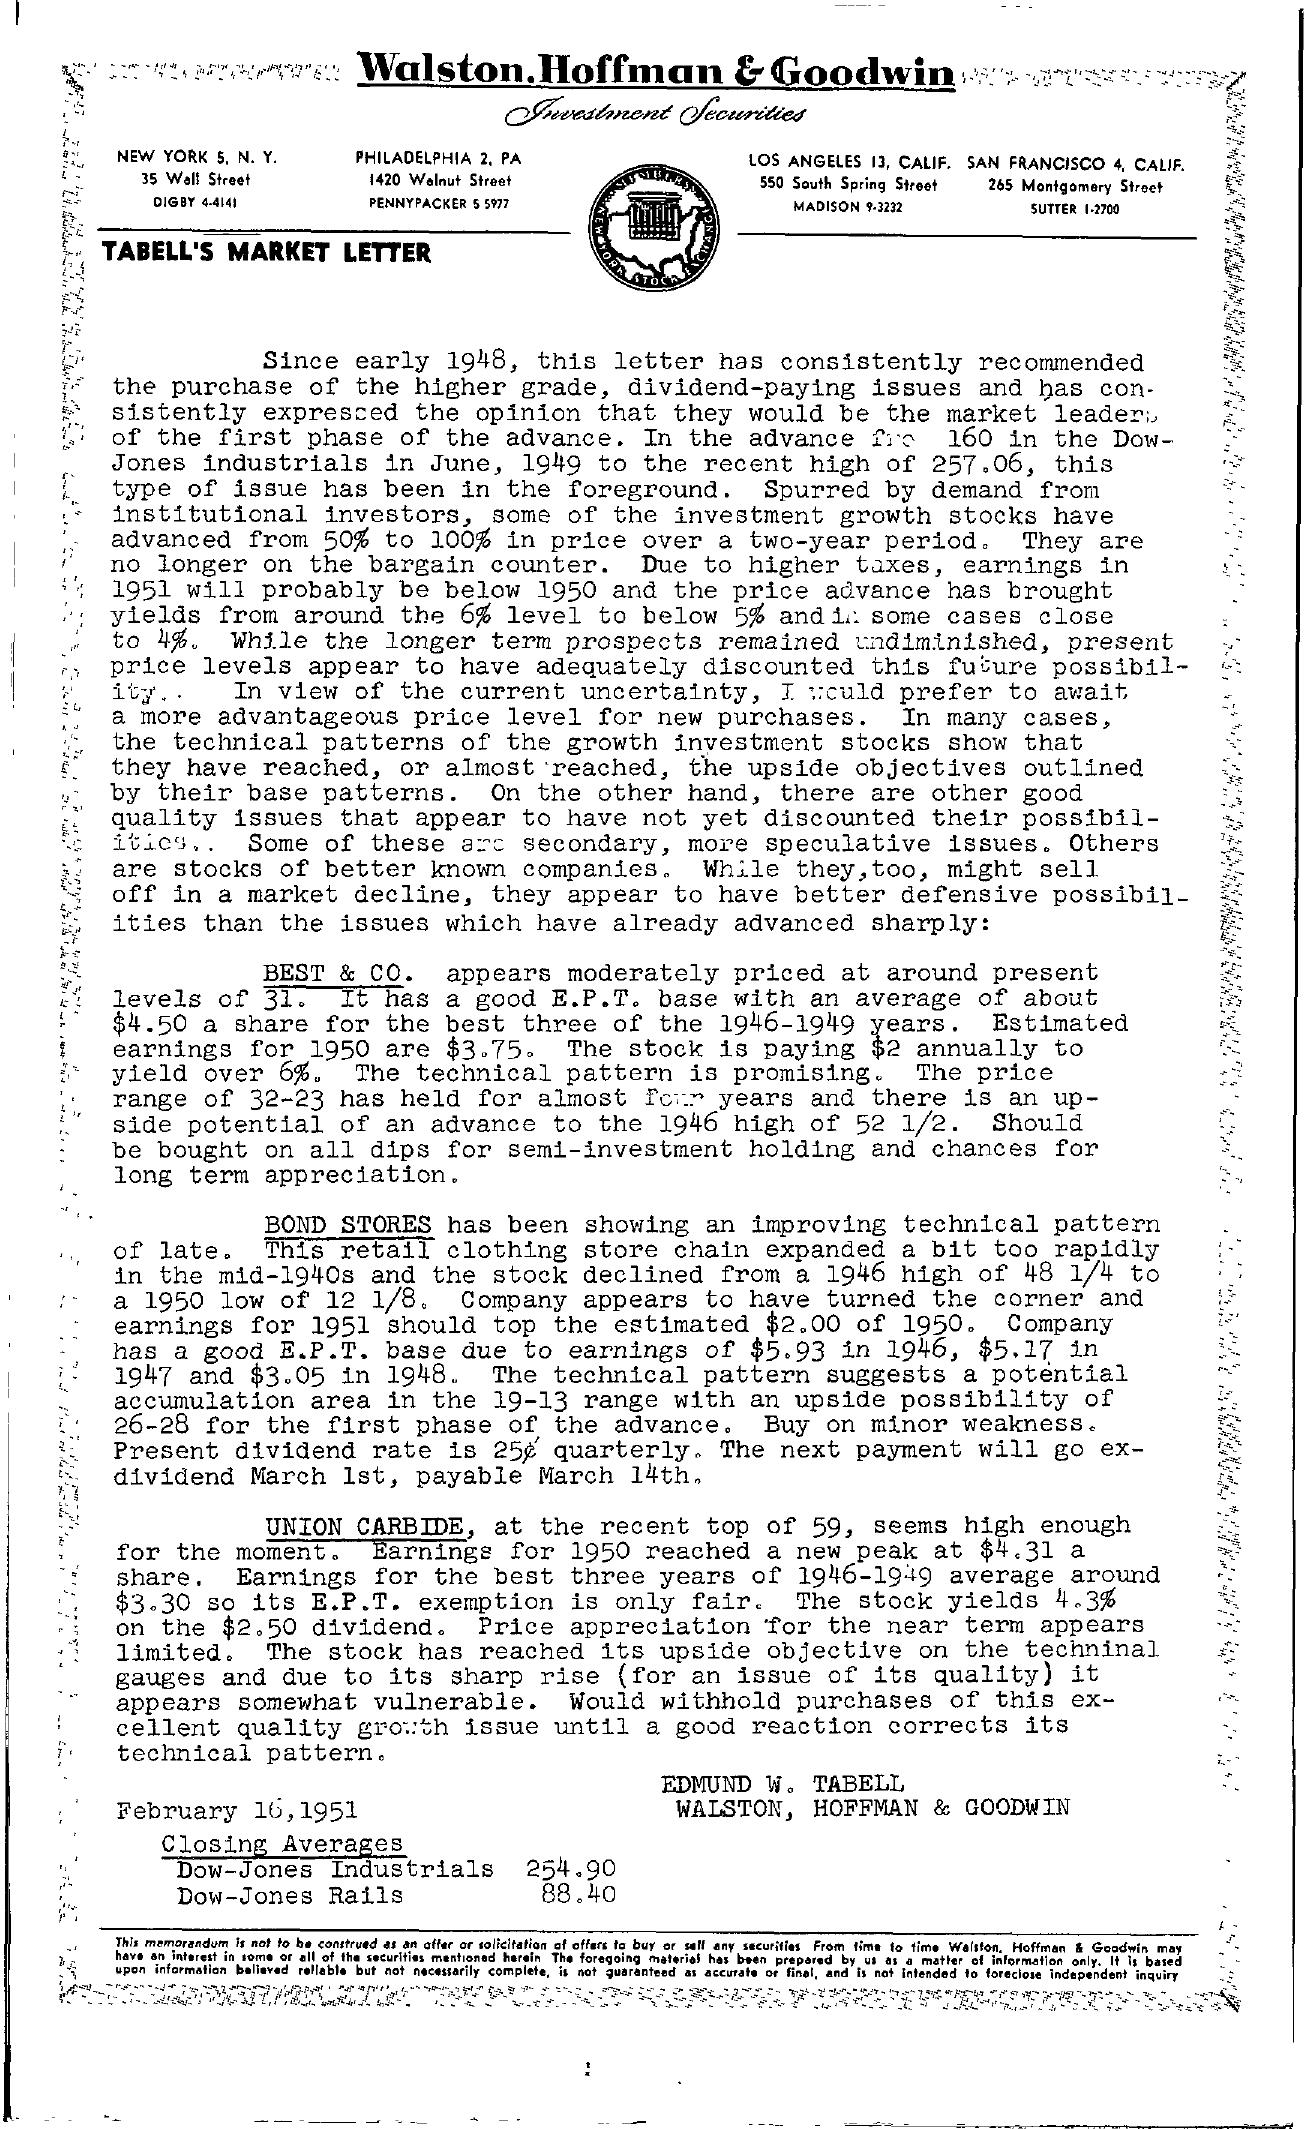 Tabell's Market Letter - February 16, 1951